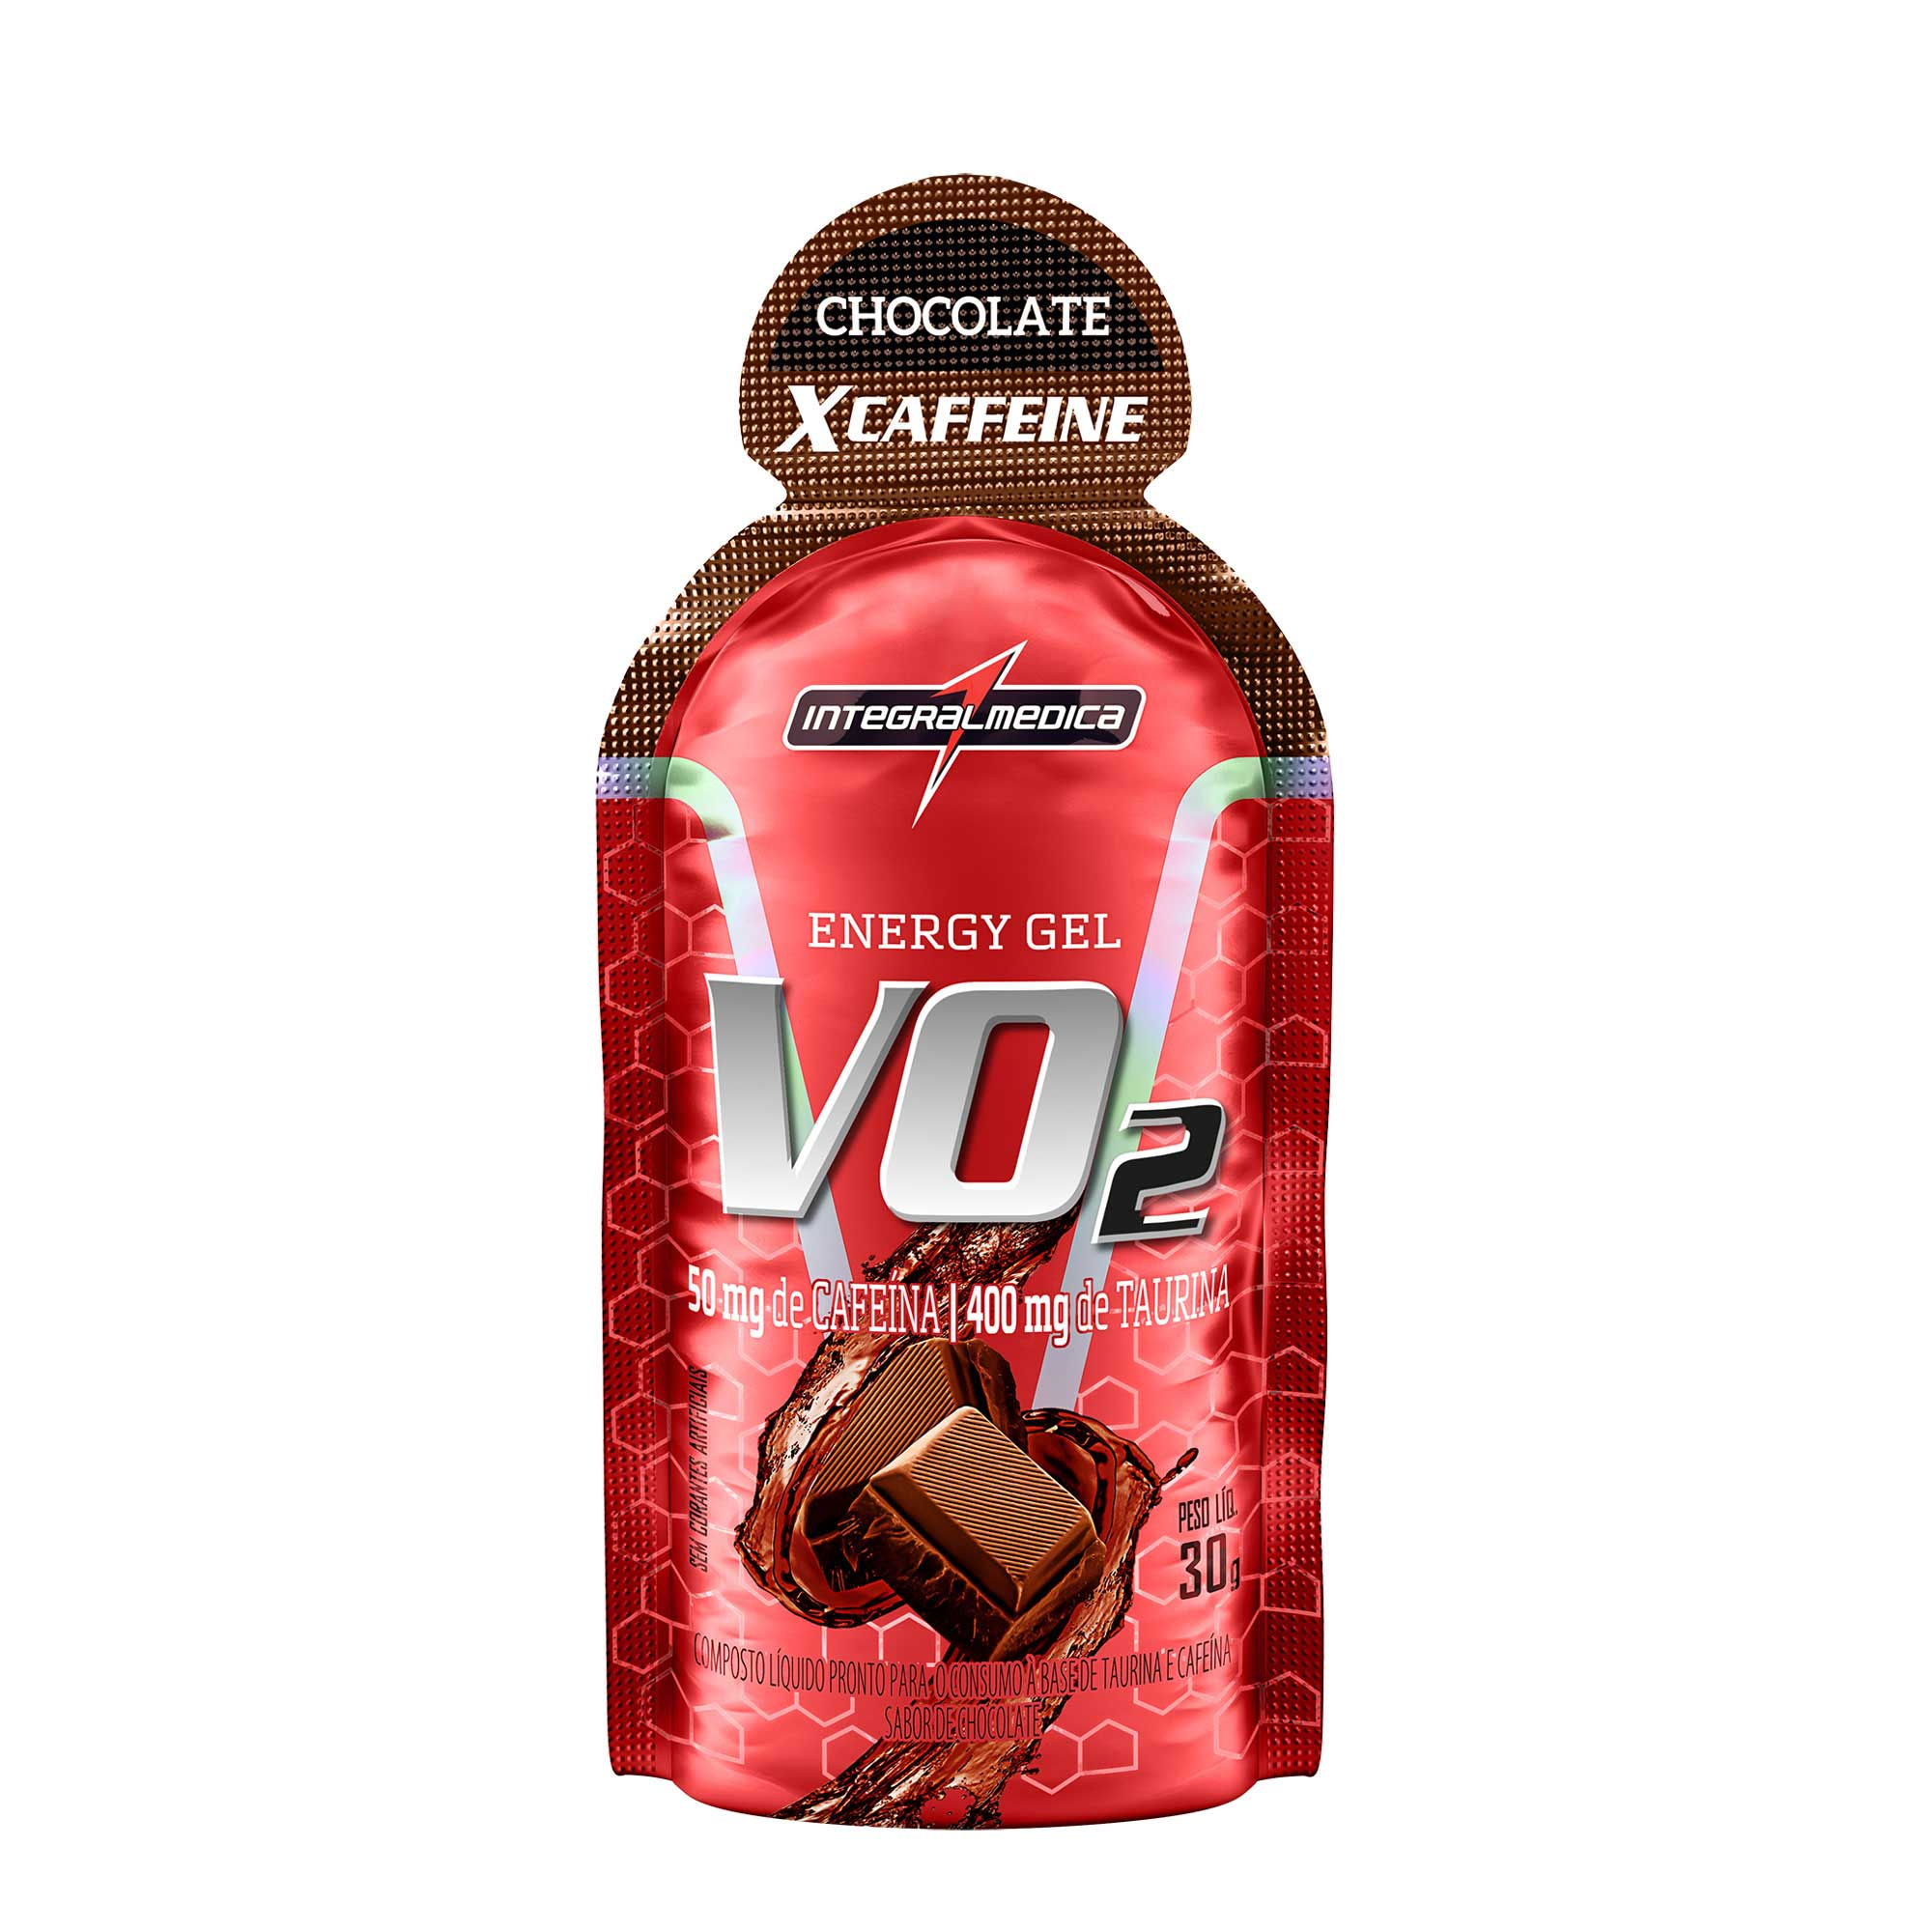 VO2 Gel Energético X-Caffeine Chocolate 30g Integralmedica